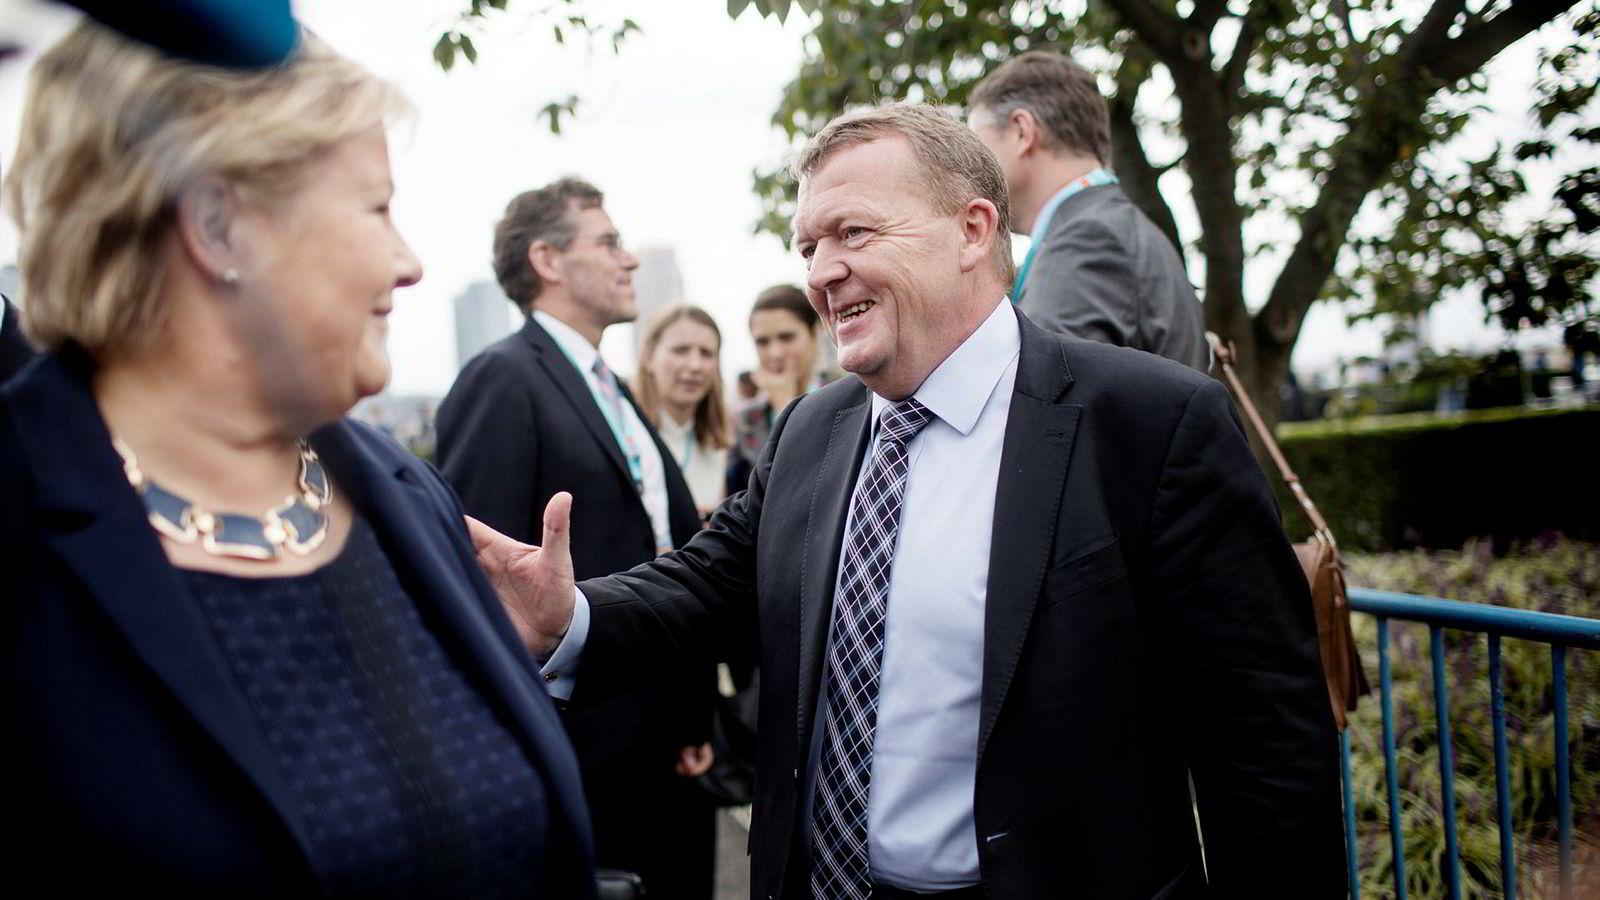 Danmark og statsminister Lars Løkke Rasmussen tar en dansk en med nye bevilgninger til forsvarutgiftene. Bare 1,5 av de utlovede 4,5 milliardene er friske penger.